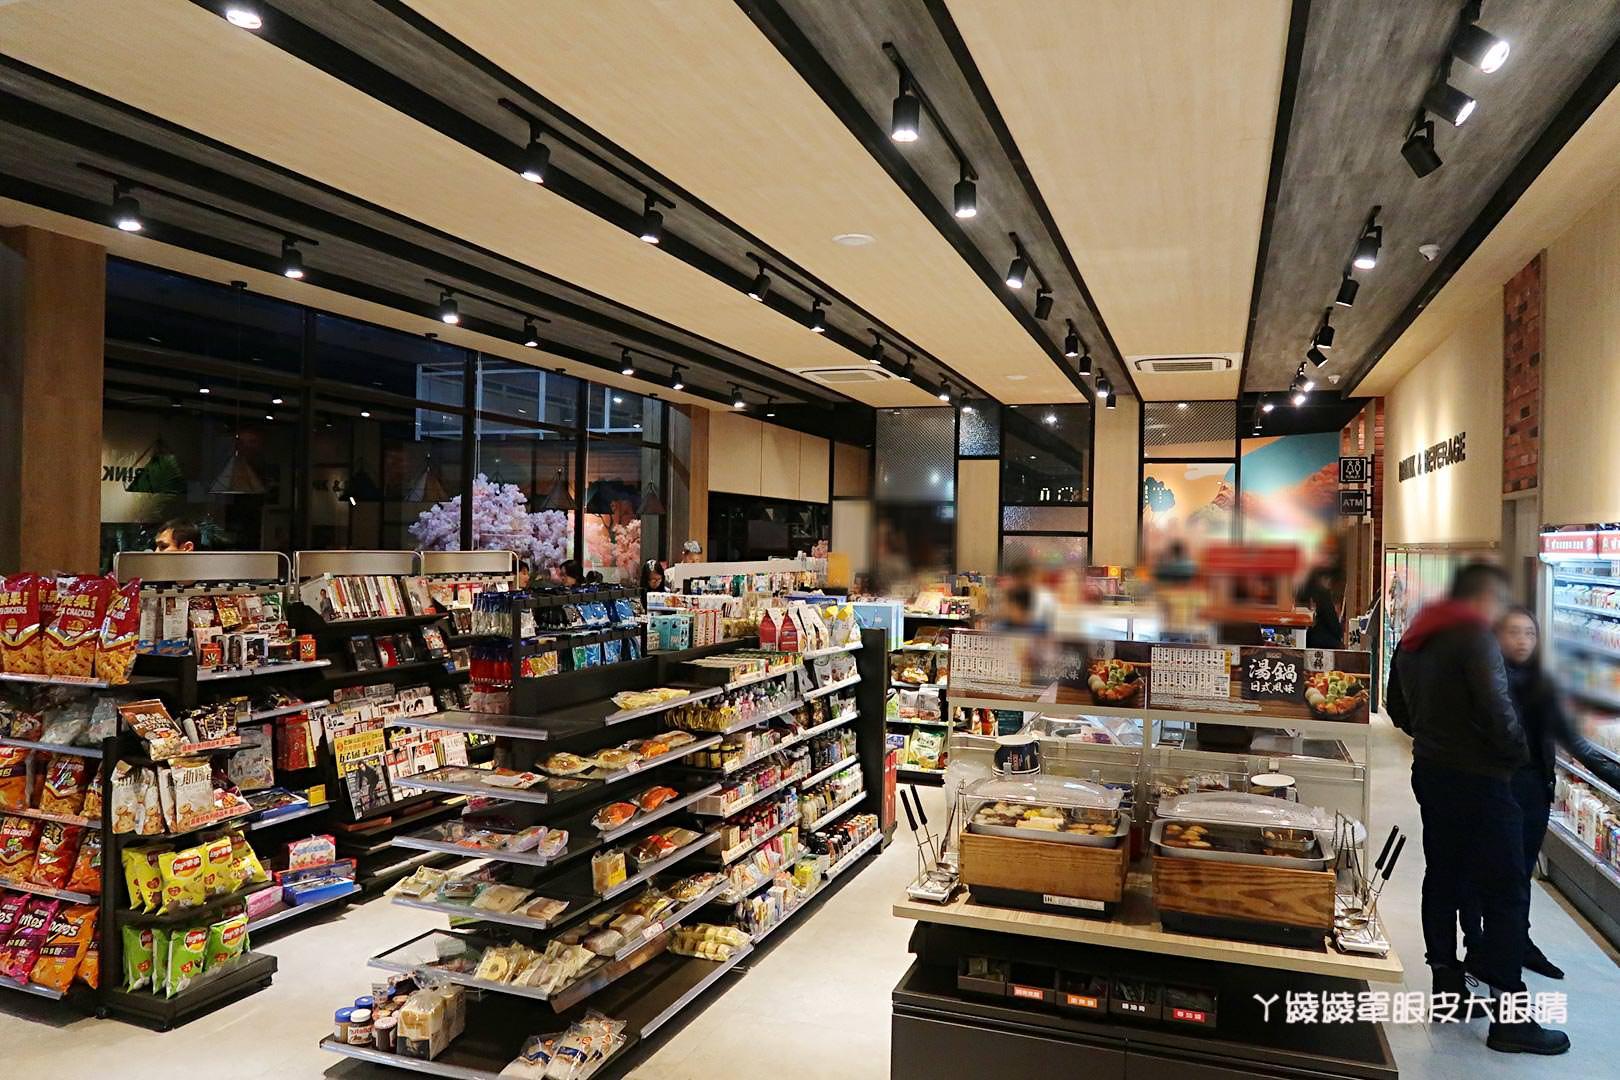 新竹橫山旅遊景點推薦|看完青蛙石天空步道,來全台最粉嫩的櫻花鐵道風7-ELEVEN門市